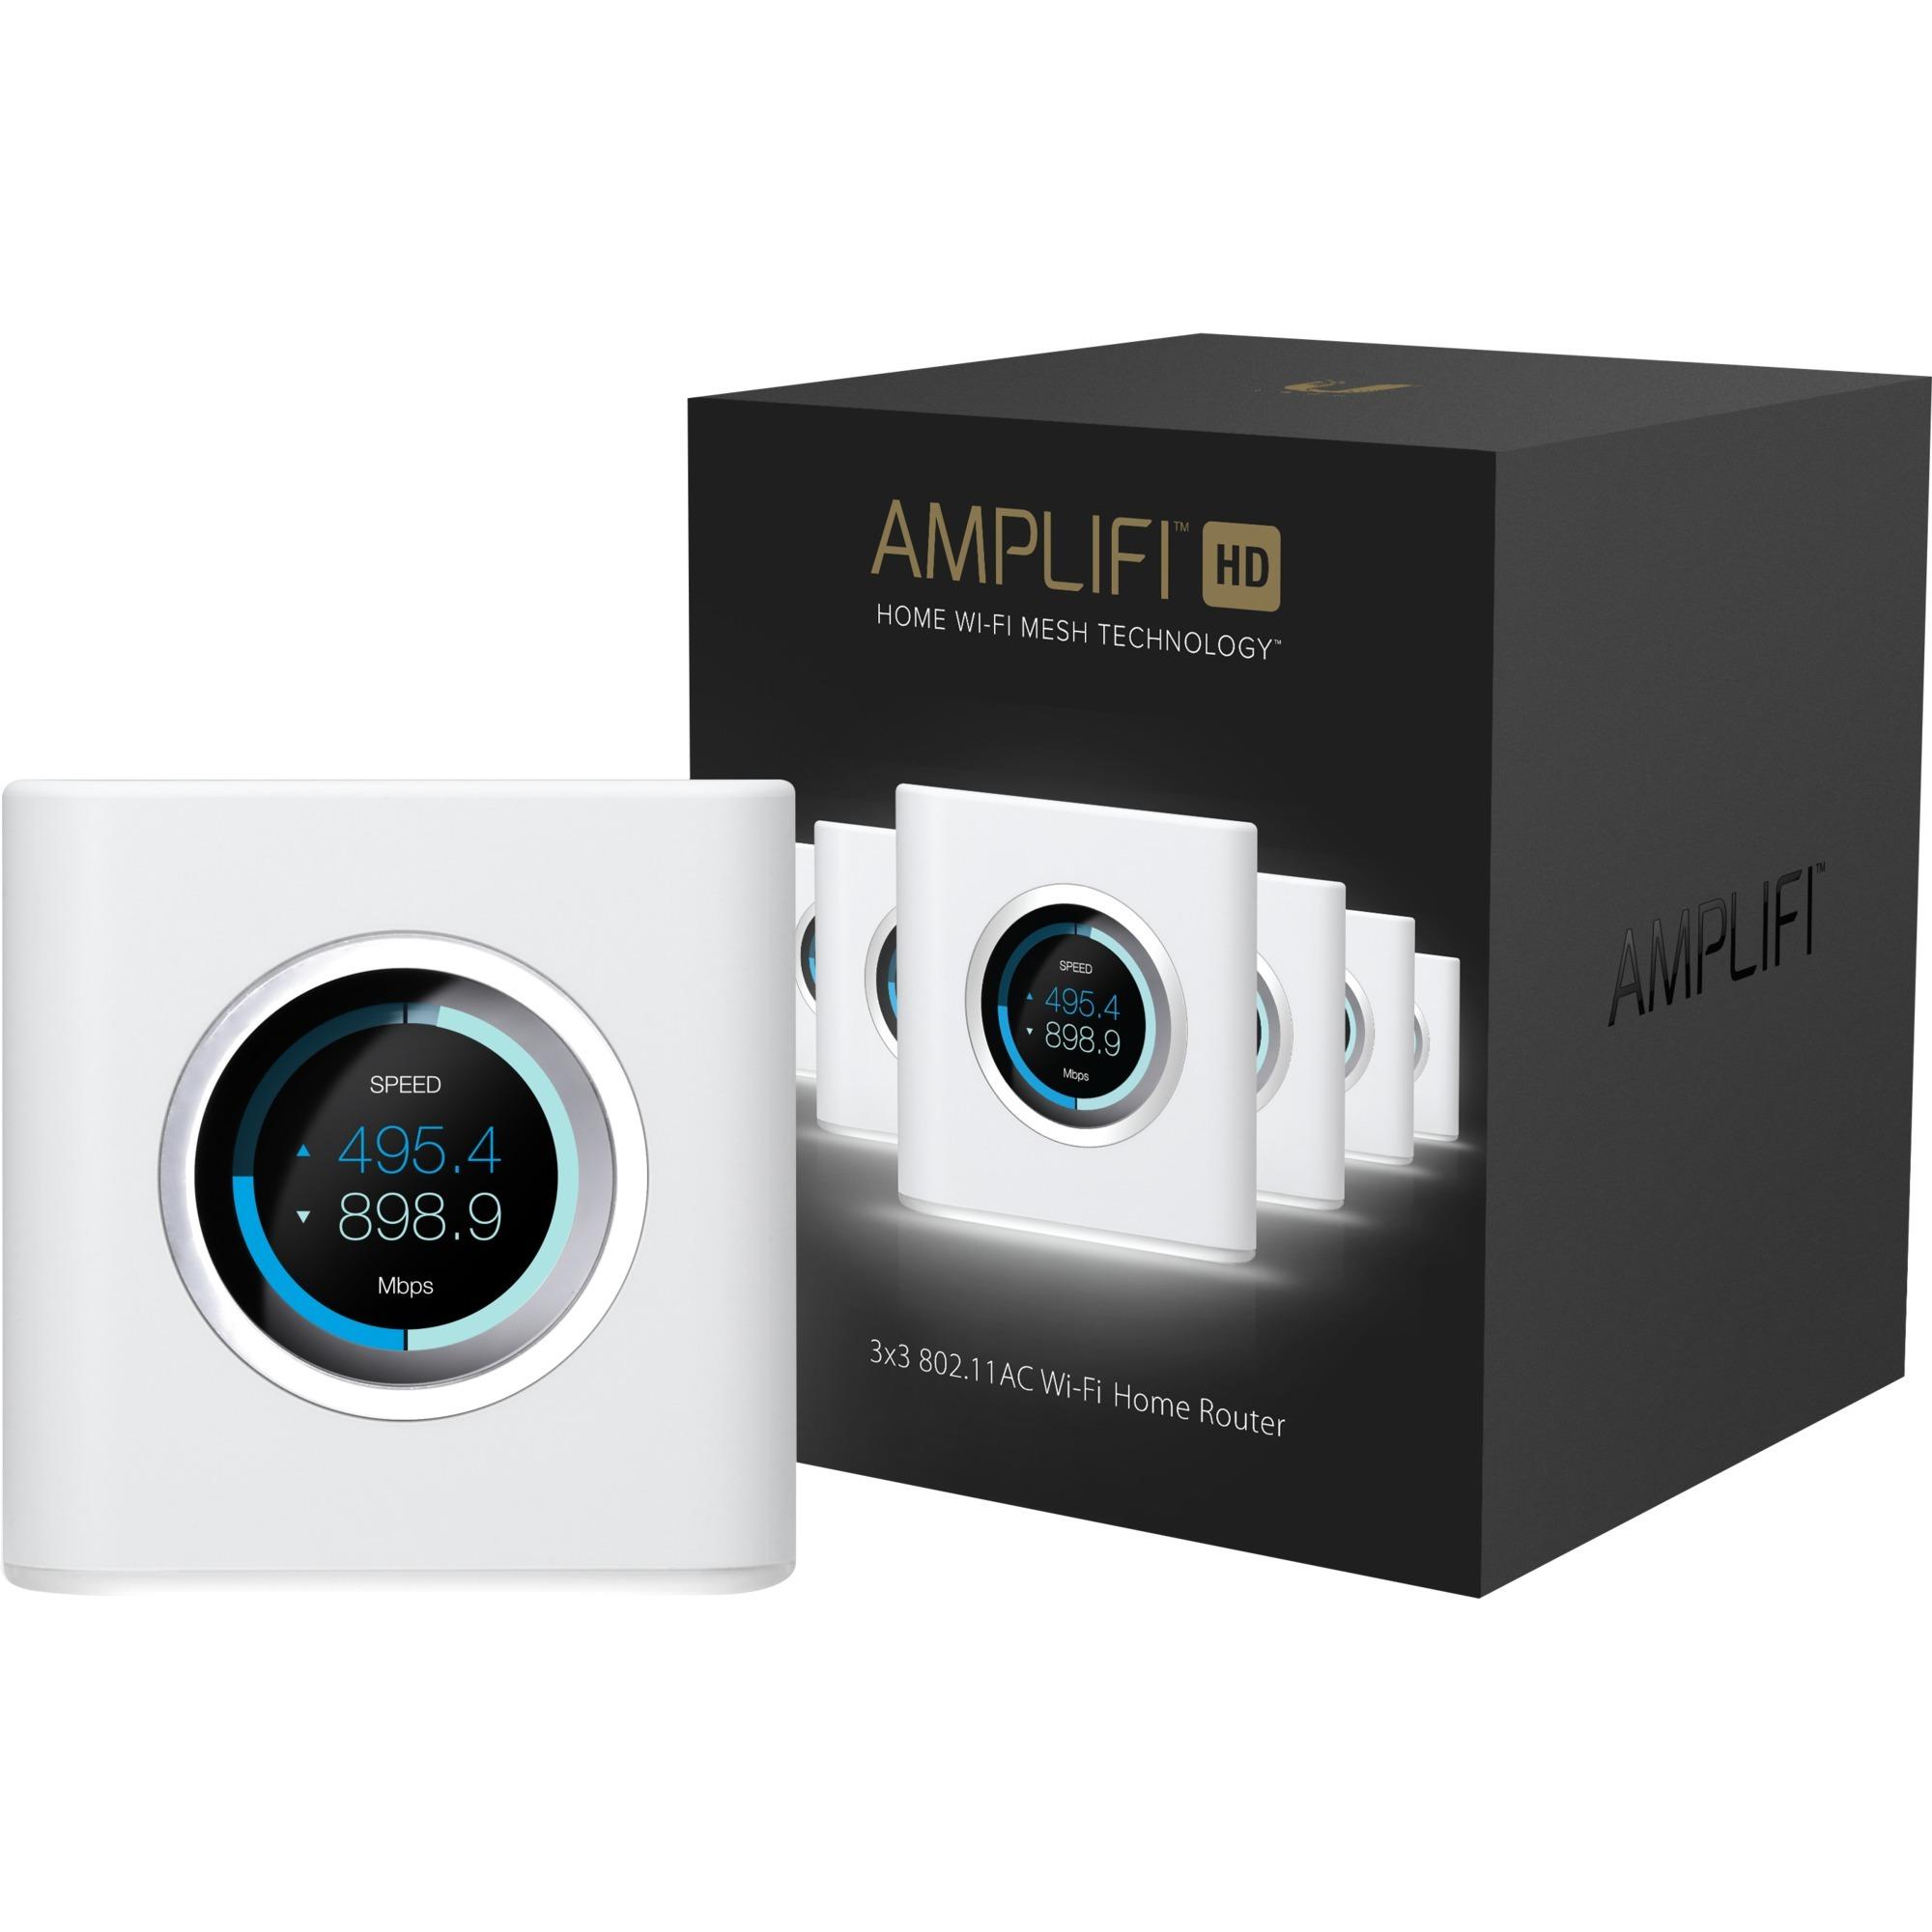 AmpliFI HD Mesh Router Bi-bande (2,4 GHz / 5 GHz) Gigabit Ethernet Blanc routeur sans fil, Routeur de maille